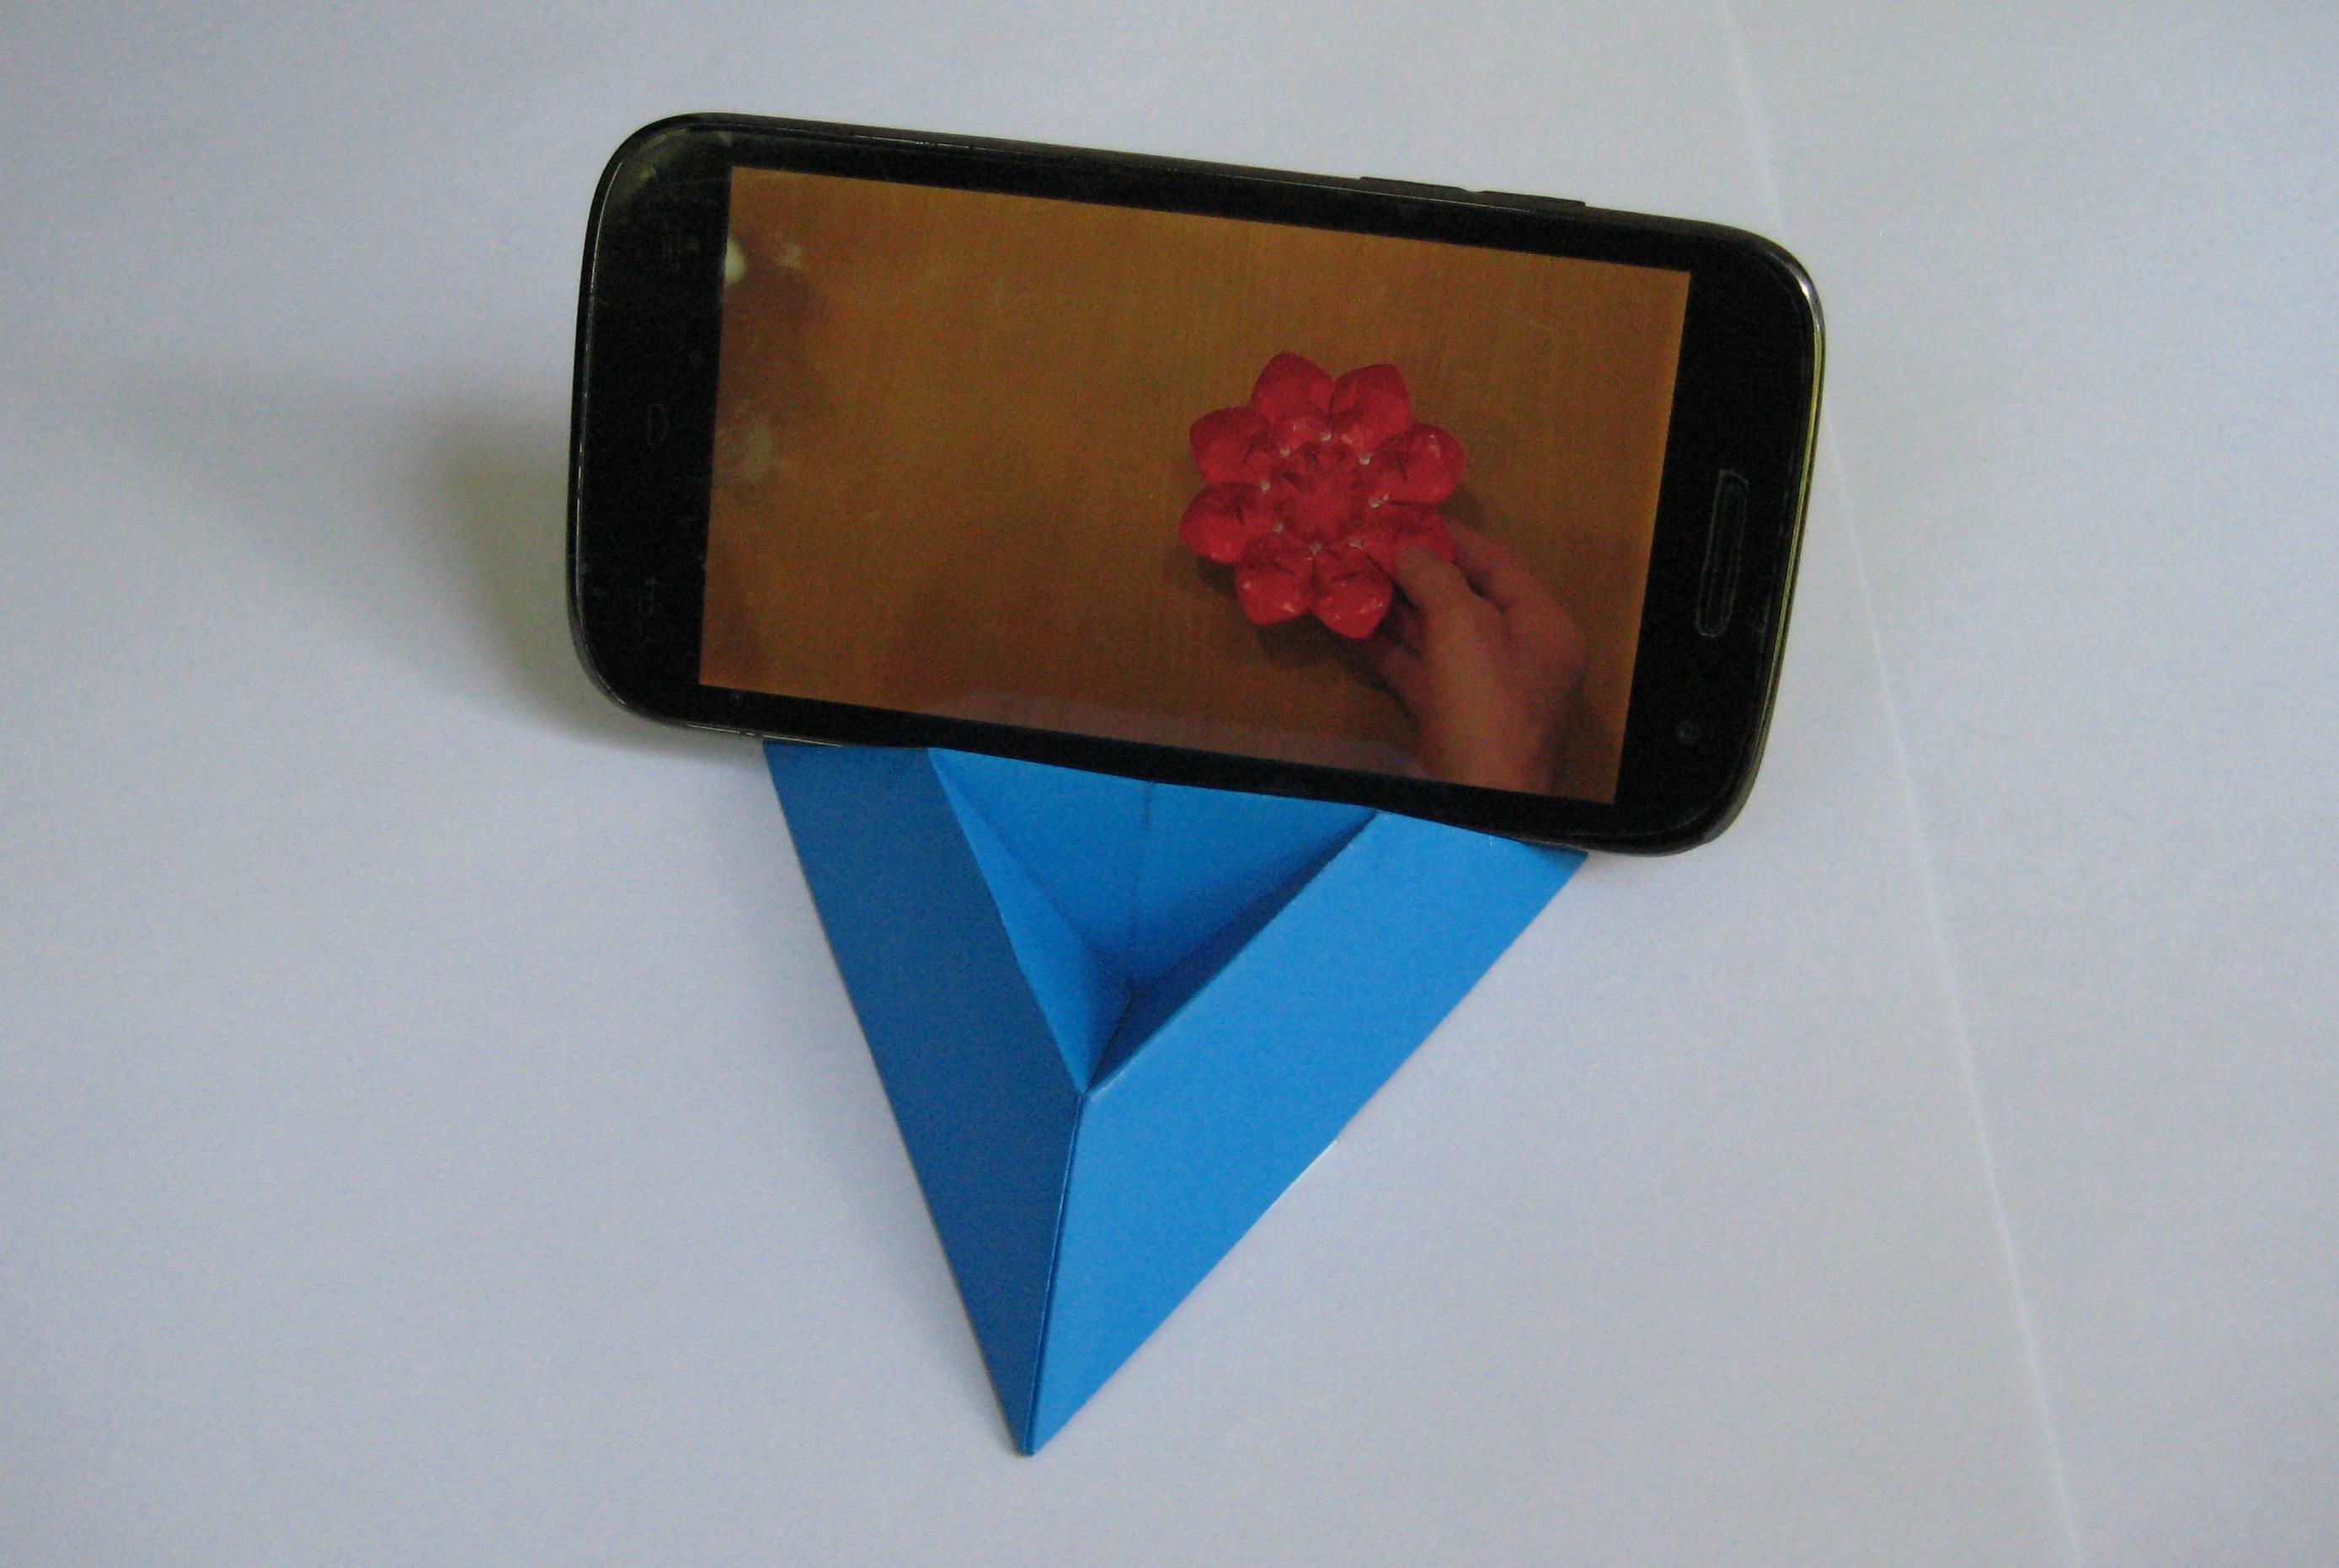 Видео как сделать из бумаги телефон видео